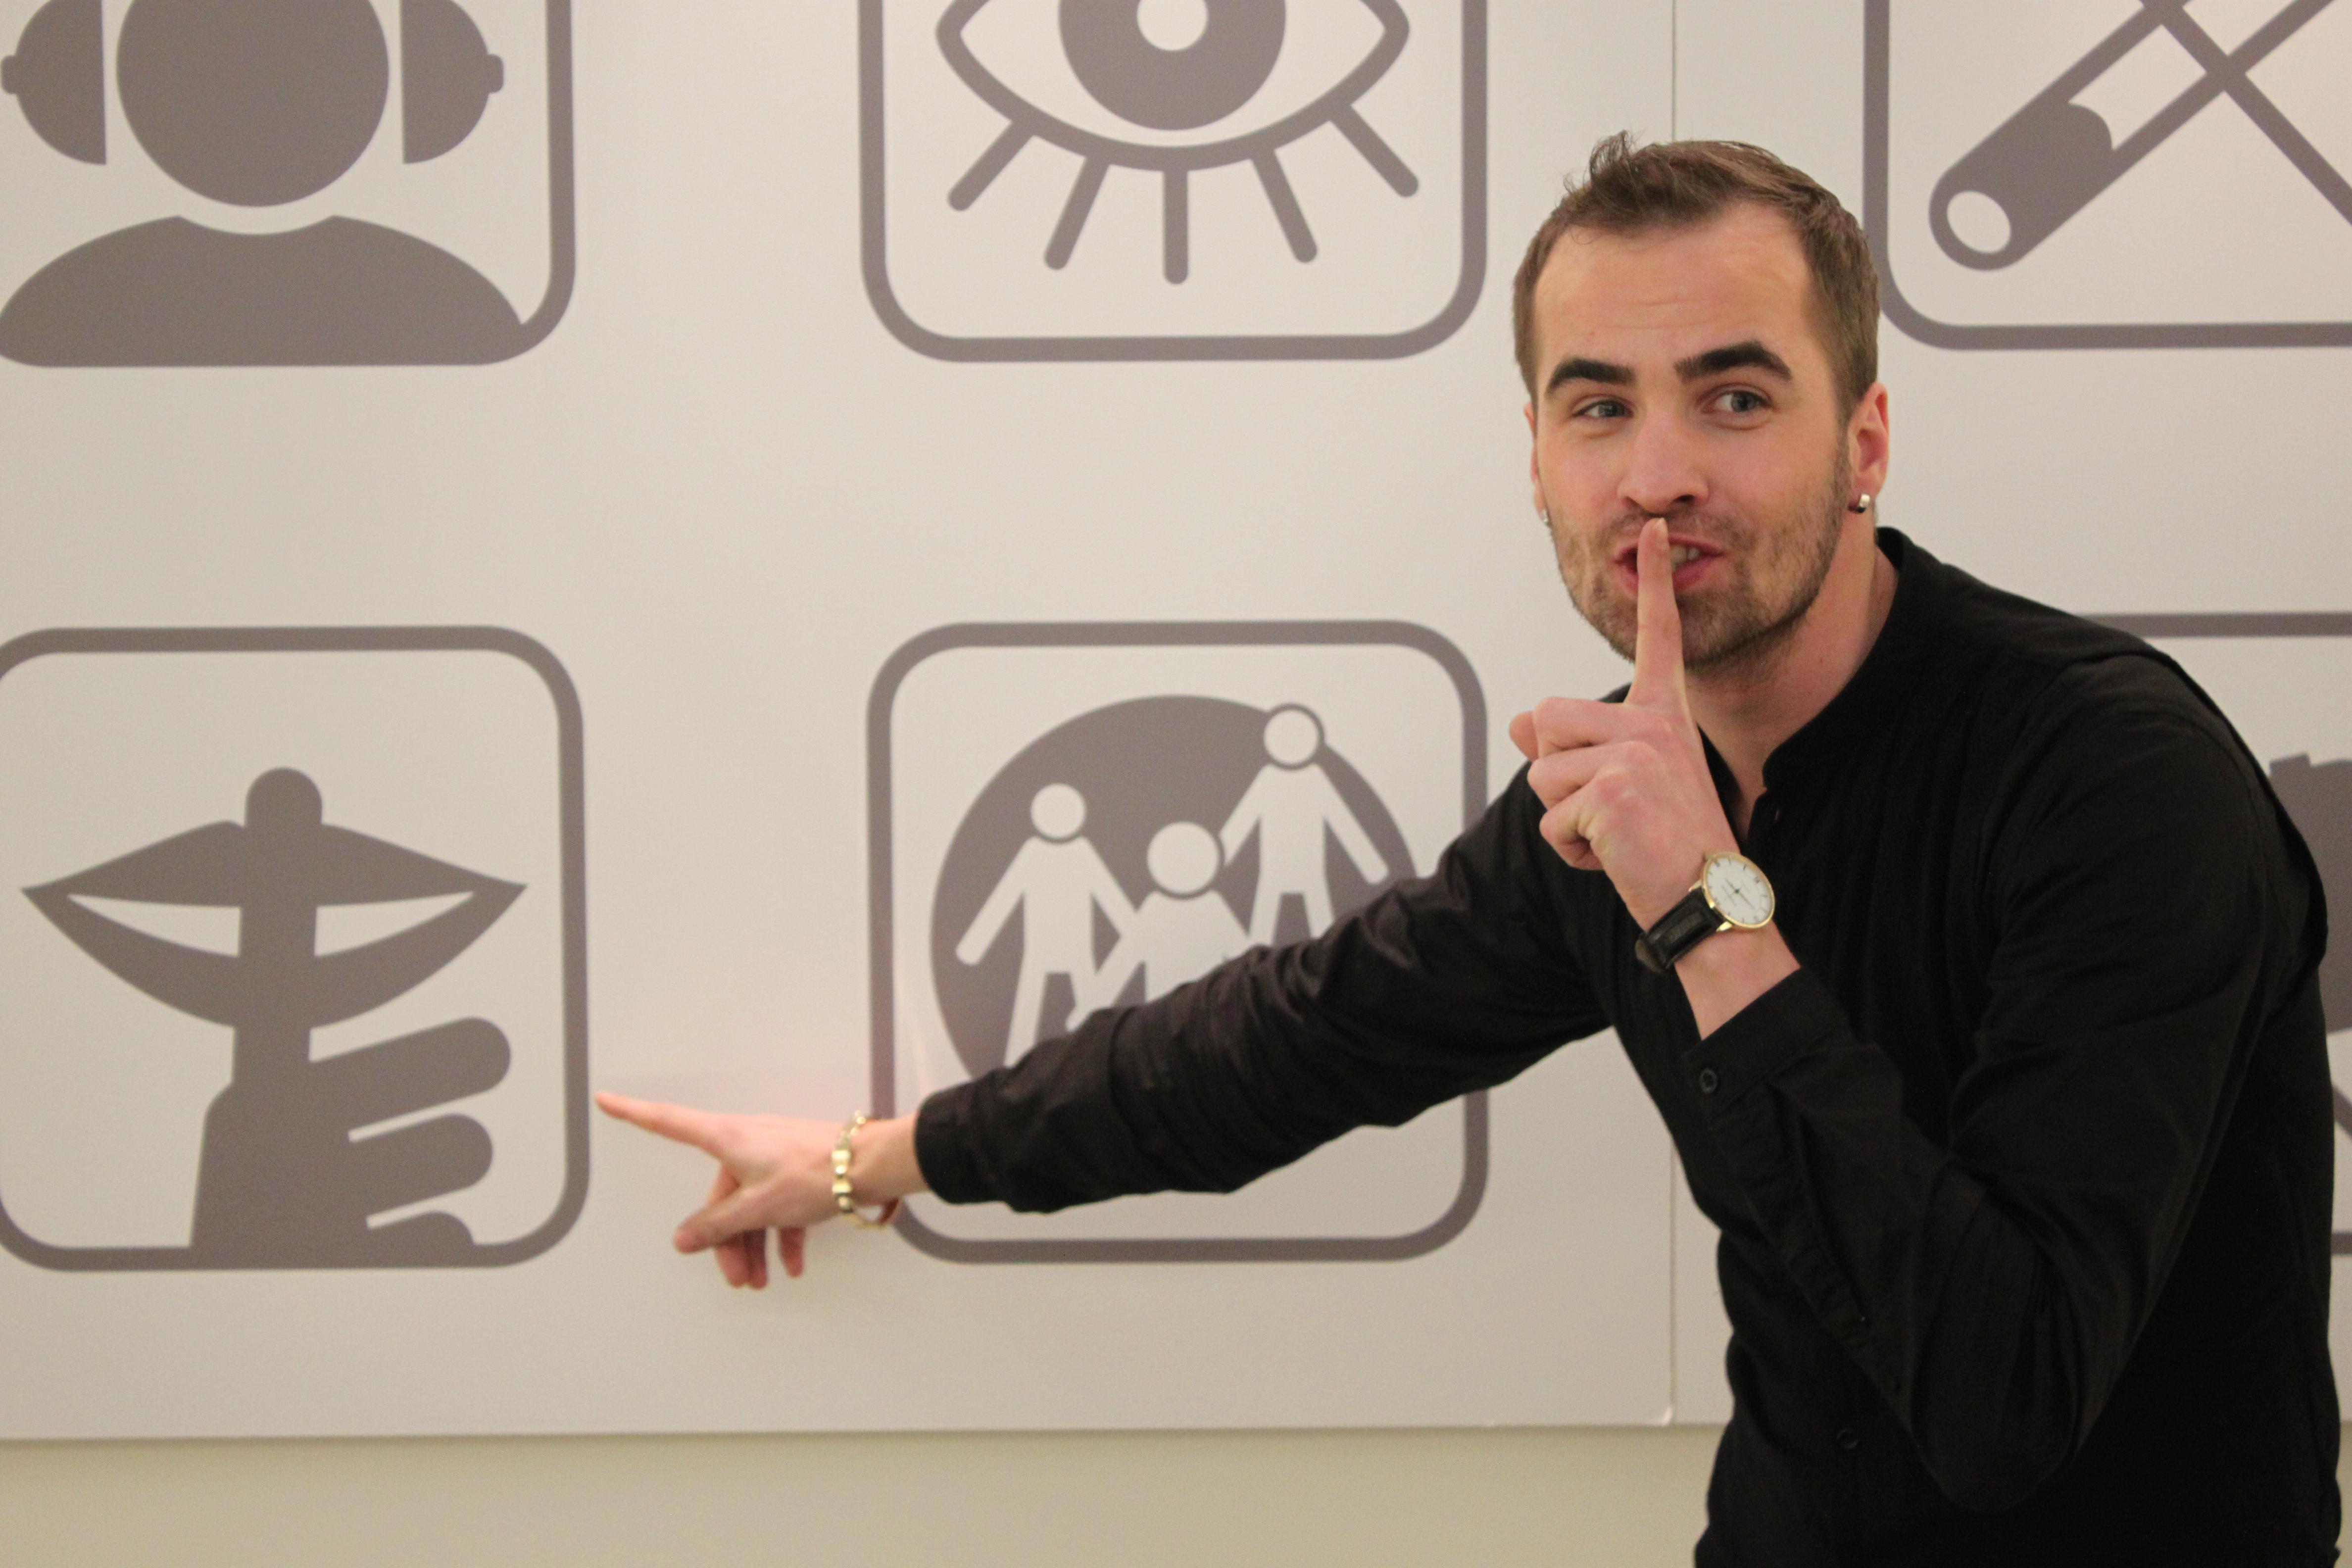 Guide Andres aus der Ausstellung Dialog im Stillen vor der Piktogramm Tafel